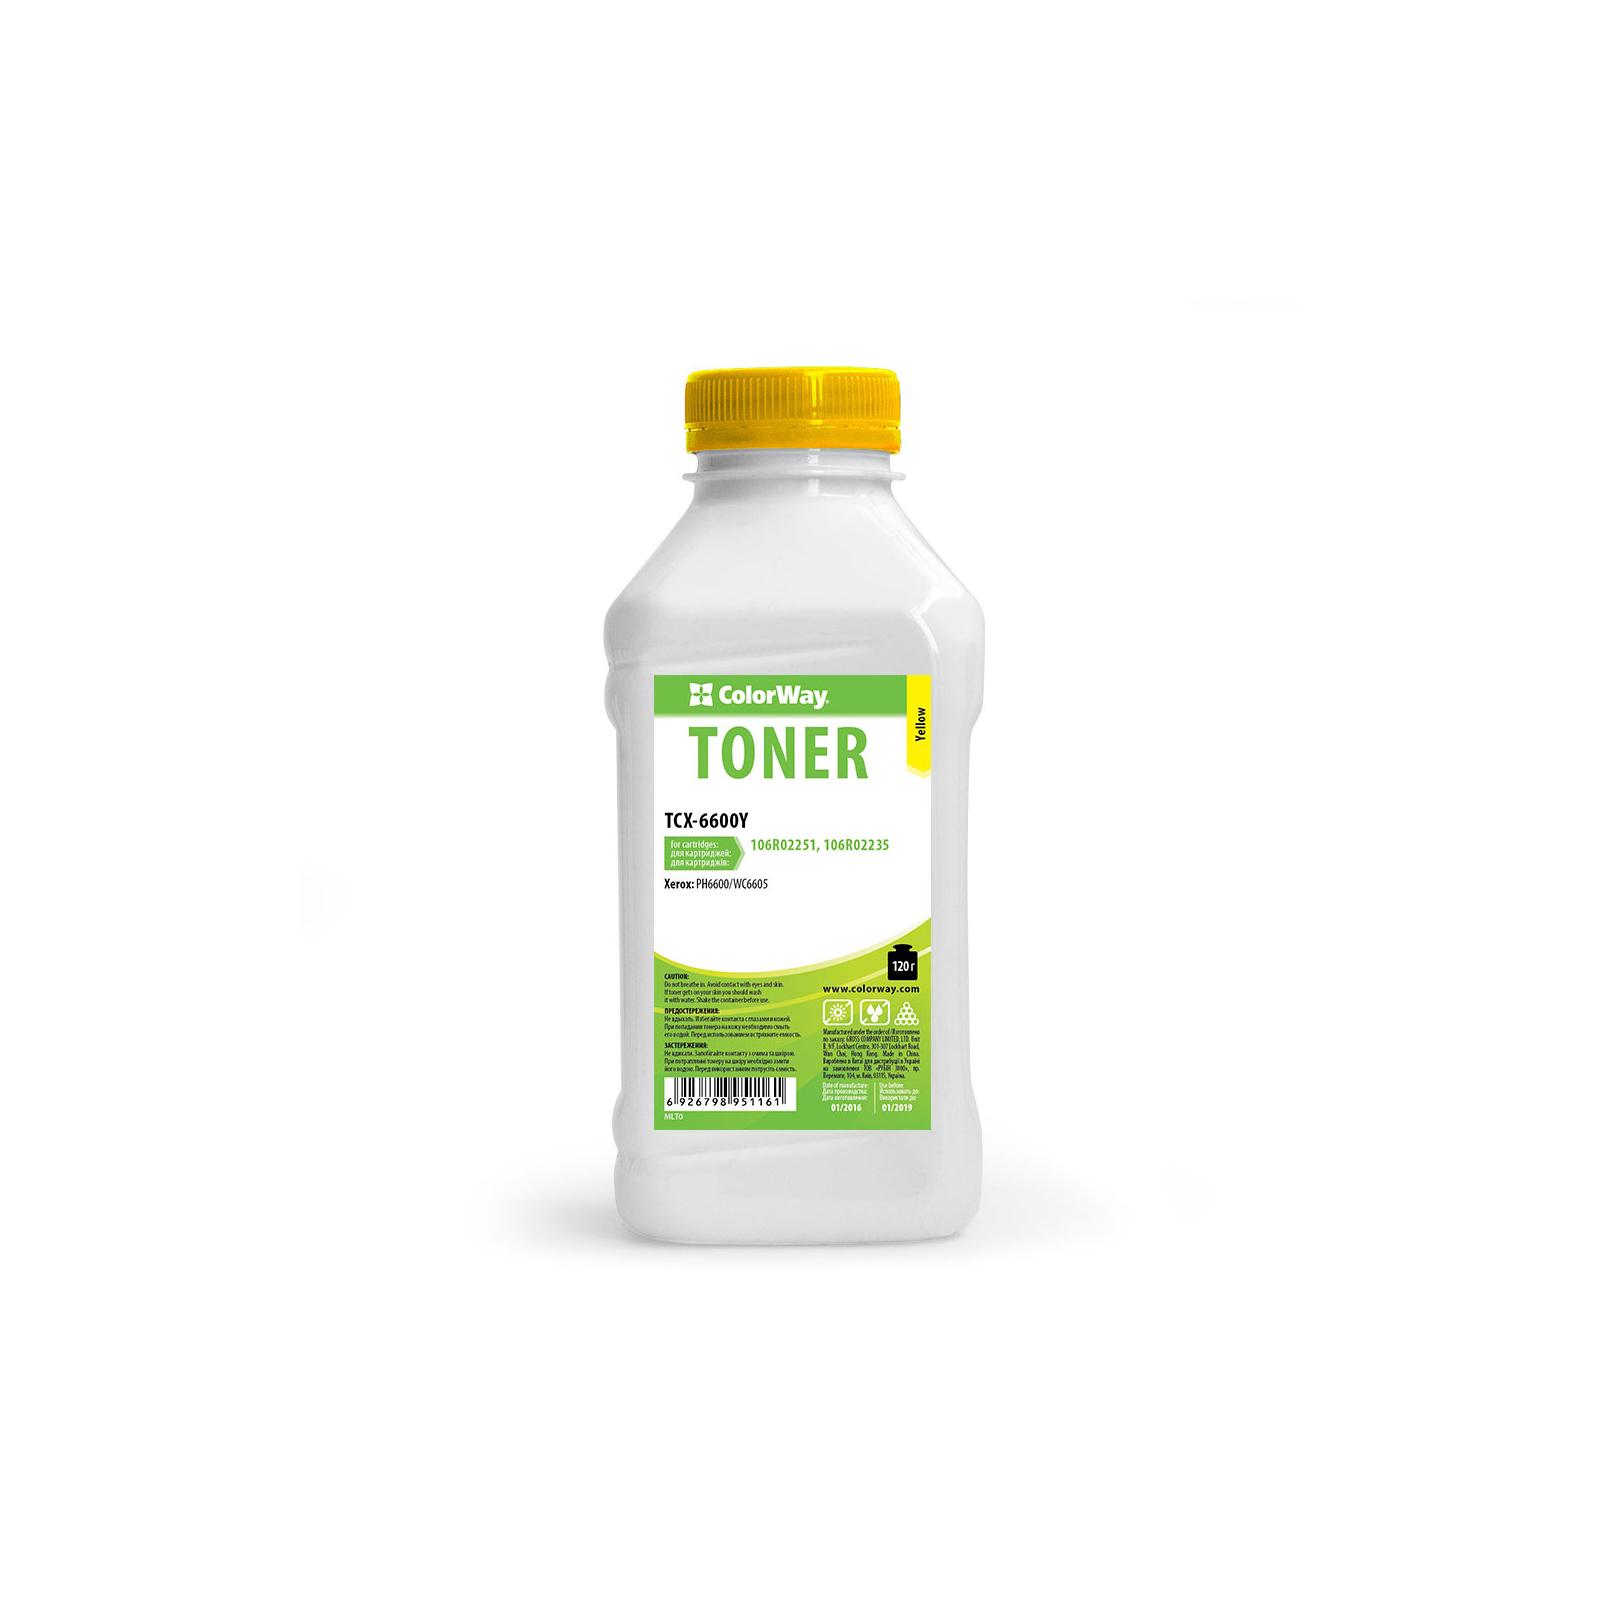 Тонер Xerox Phaser 6600/6180/6280 Yellow 120g ColorWay (TCX-6600Y)